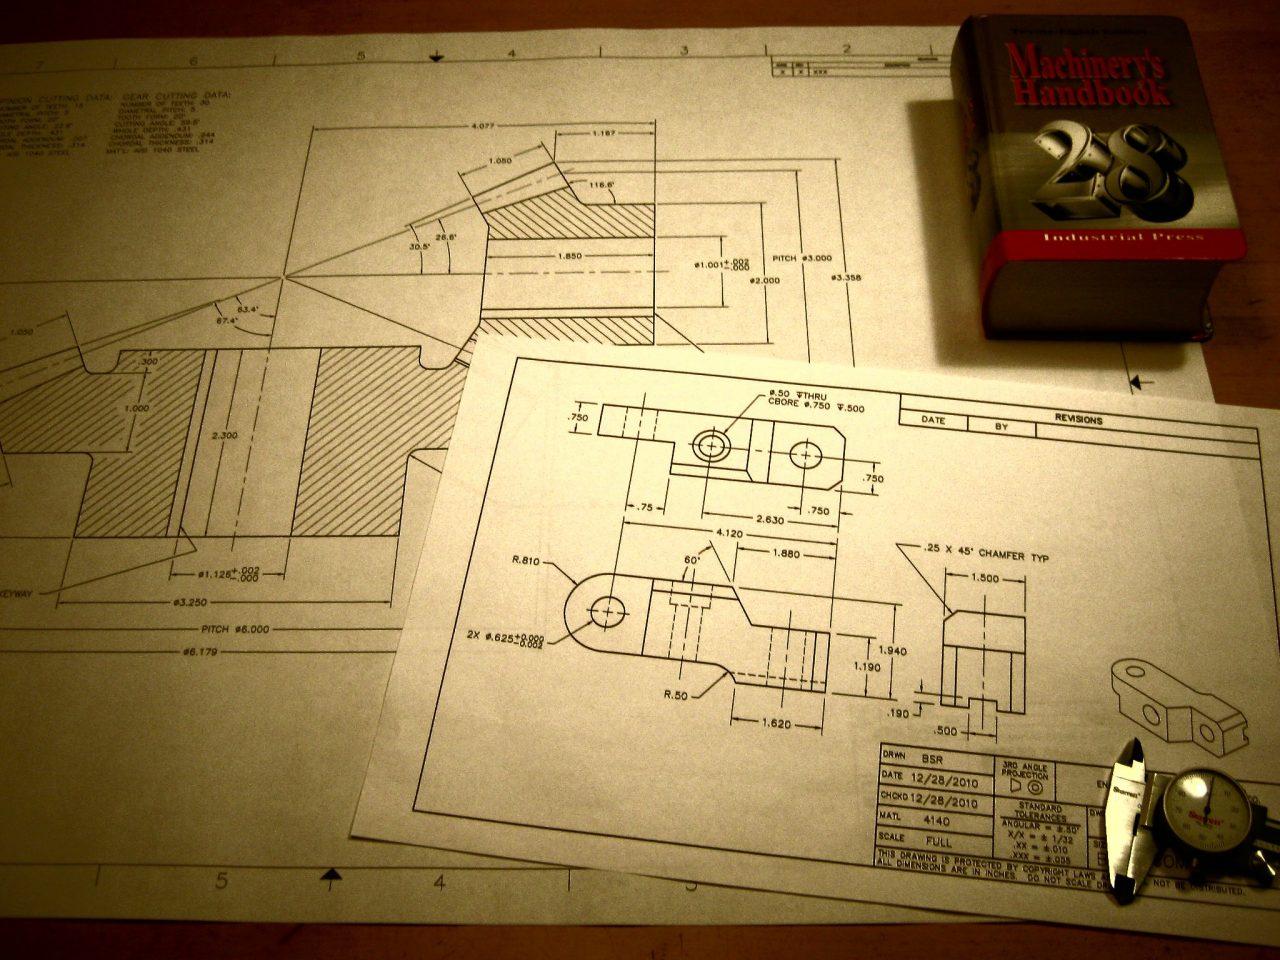 Engineering_drawings_with_Machinerys_Handbook-1280x960.jpg